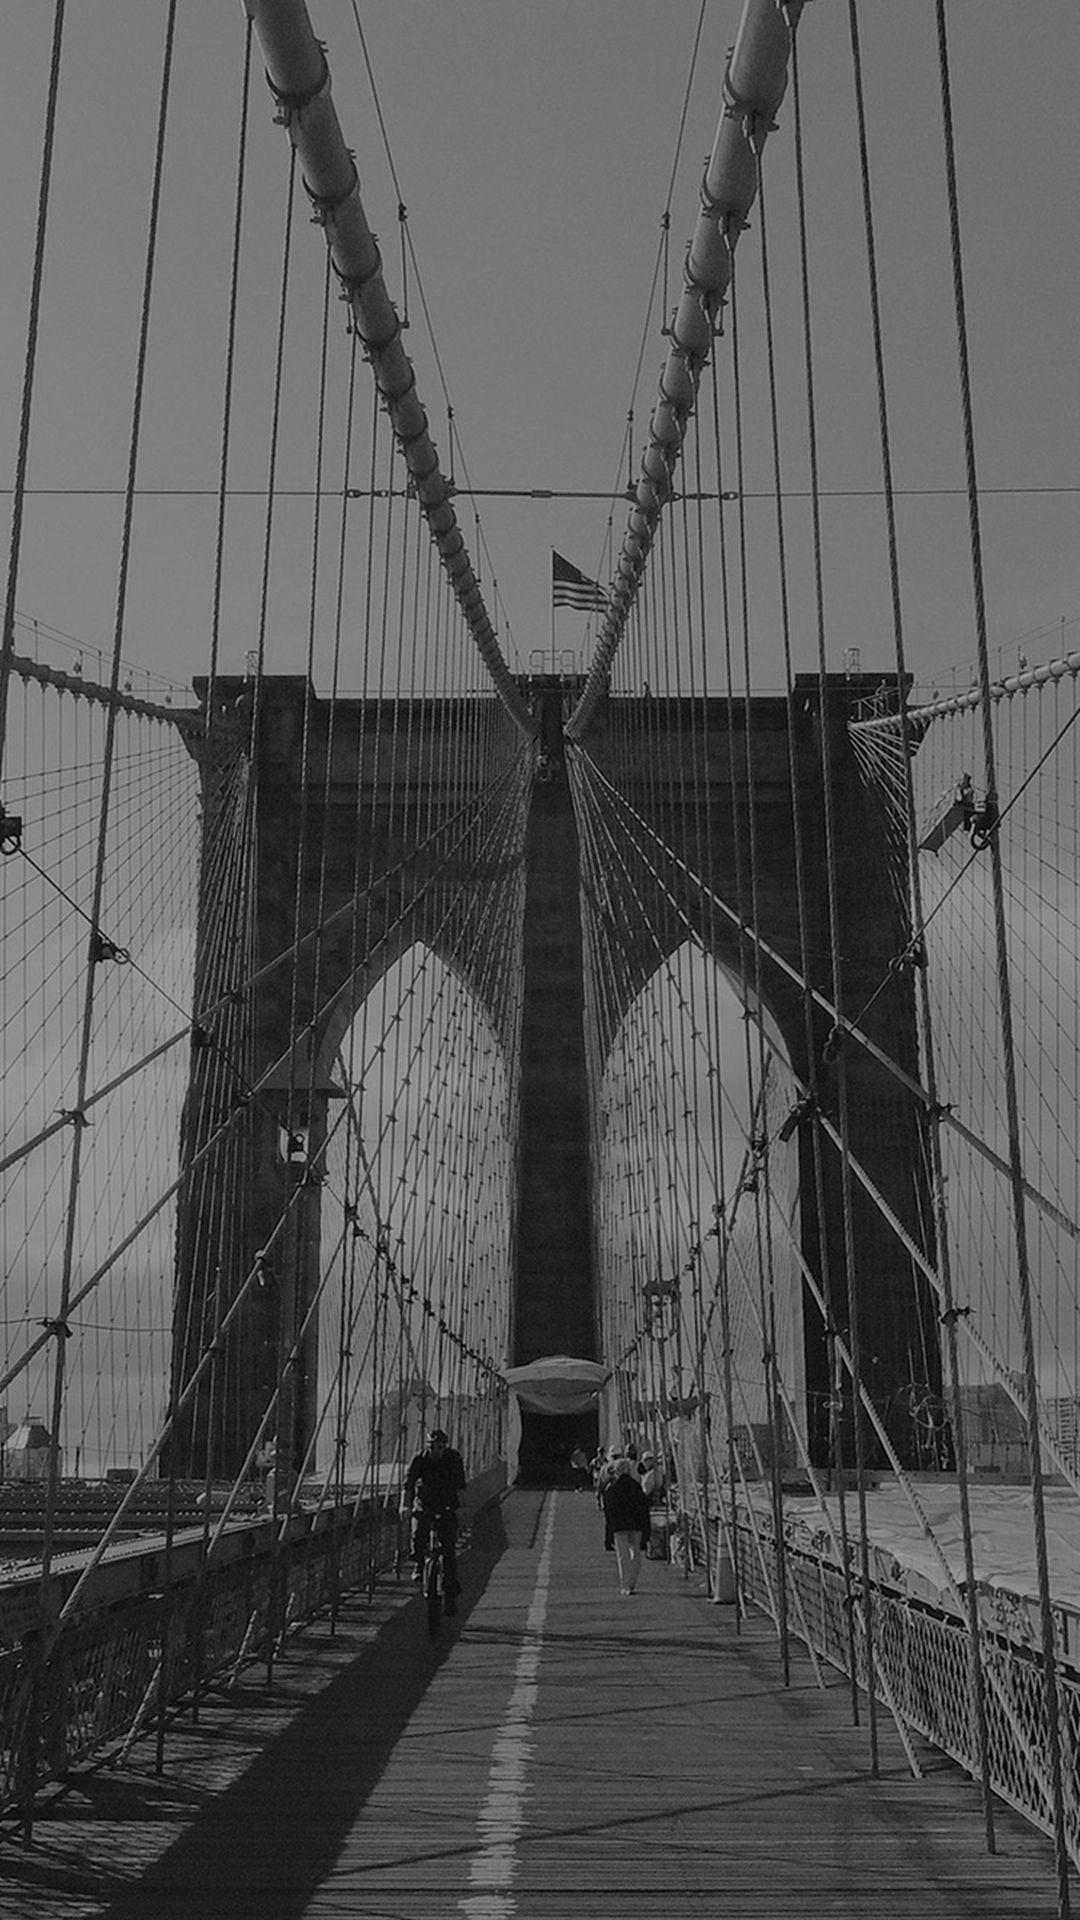 Bridge Dark Over River City Iphone 8 Wallpapers City Iphone